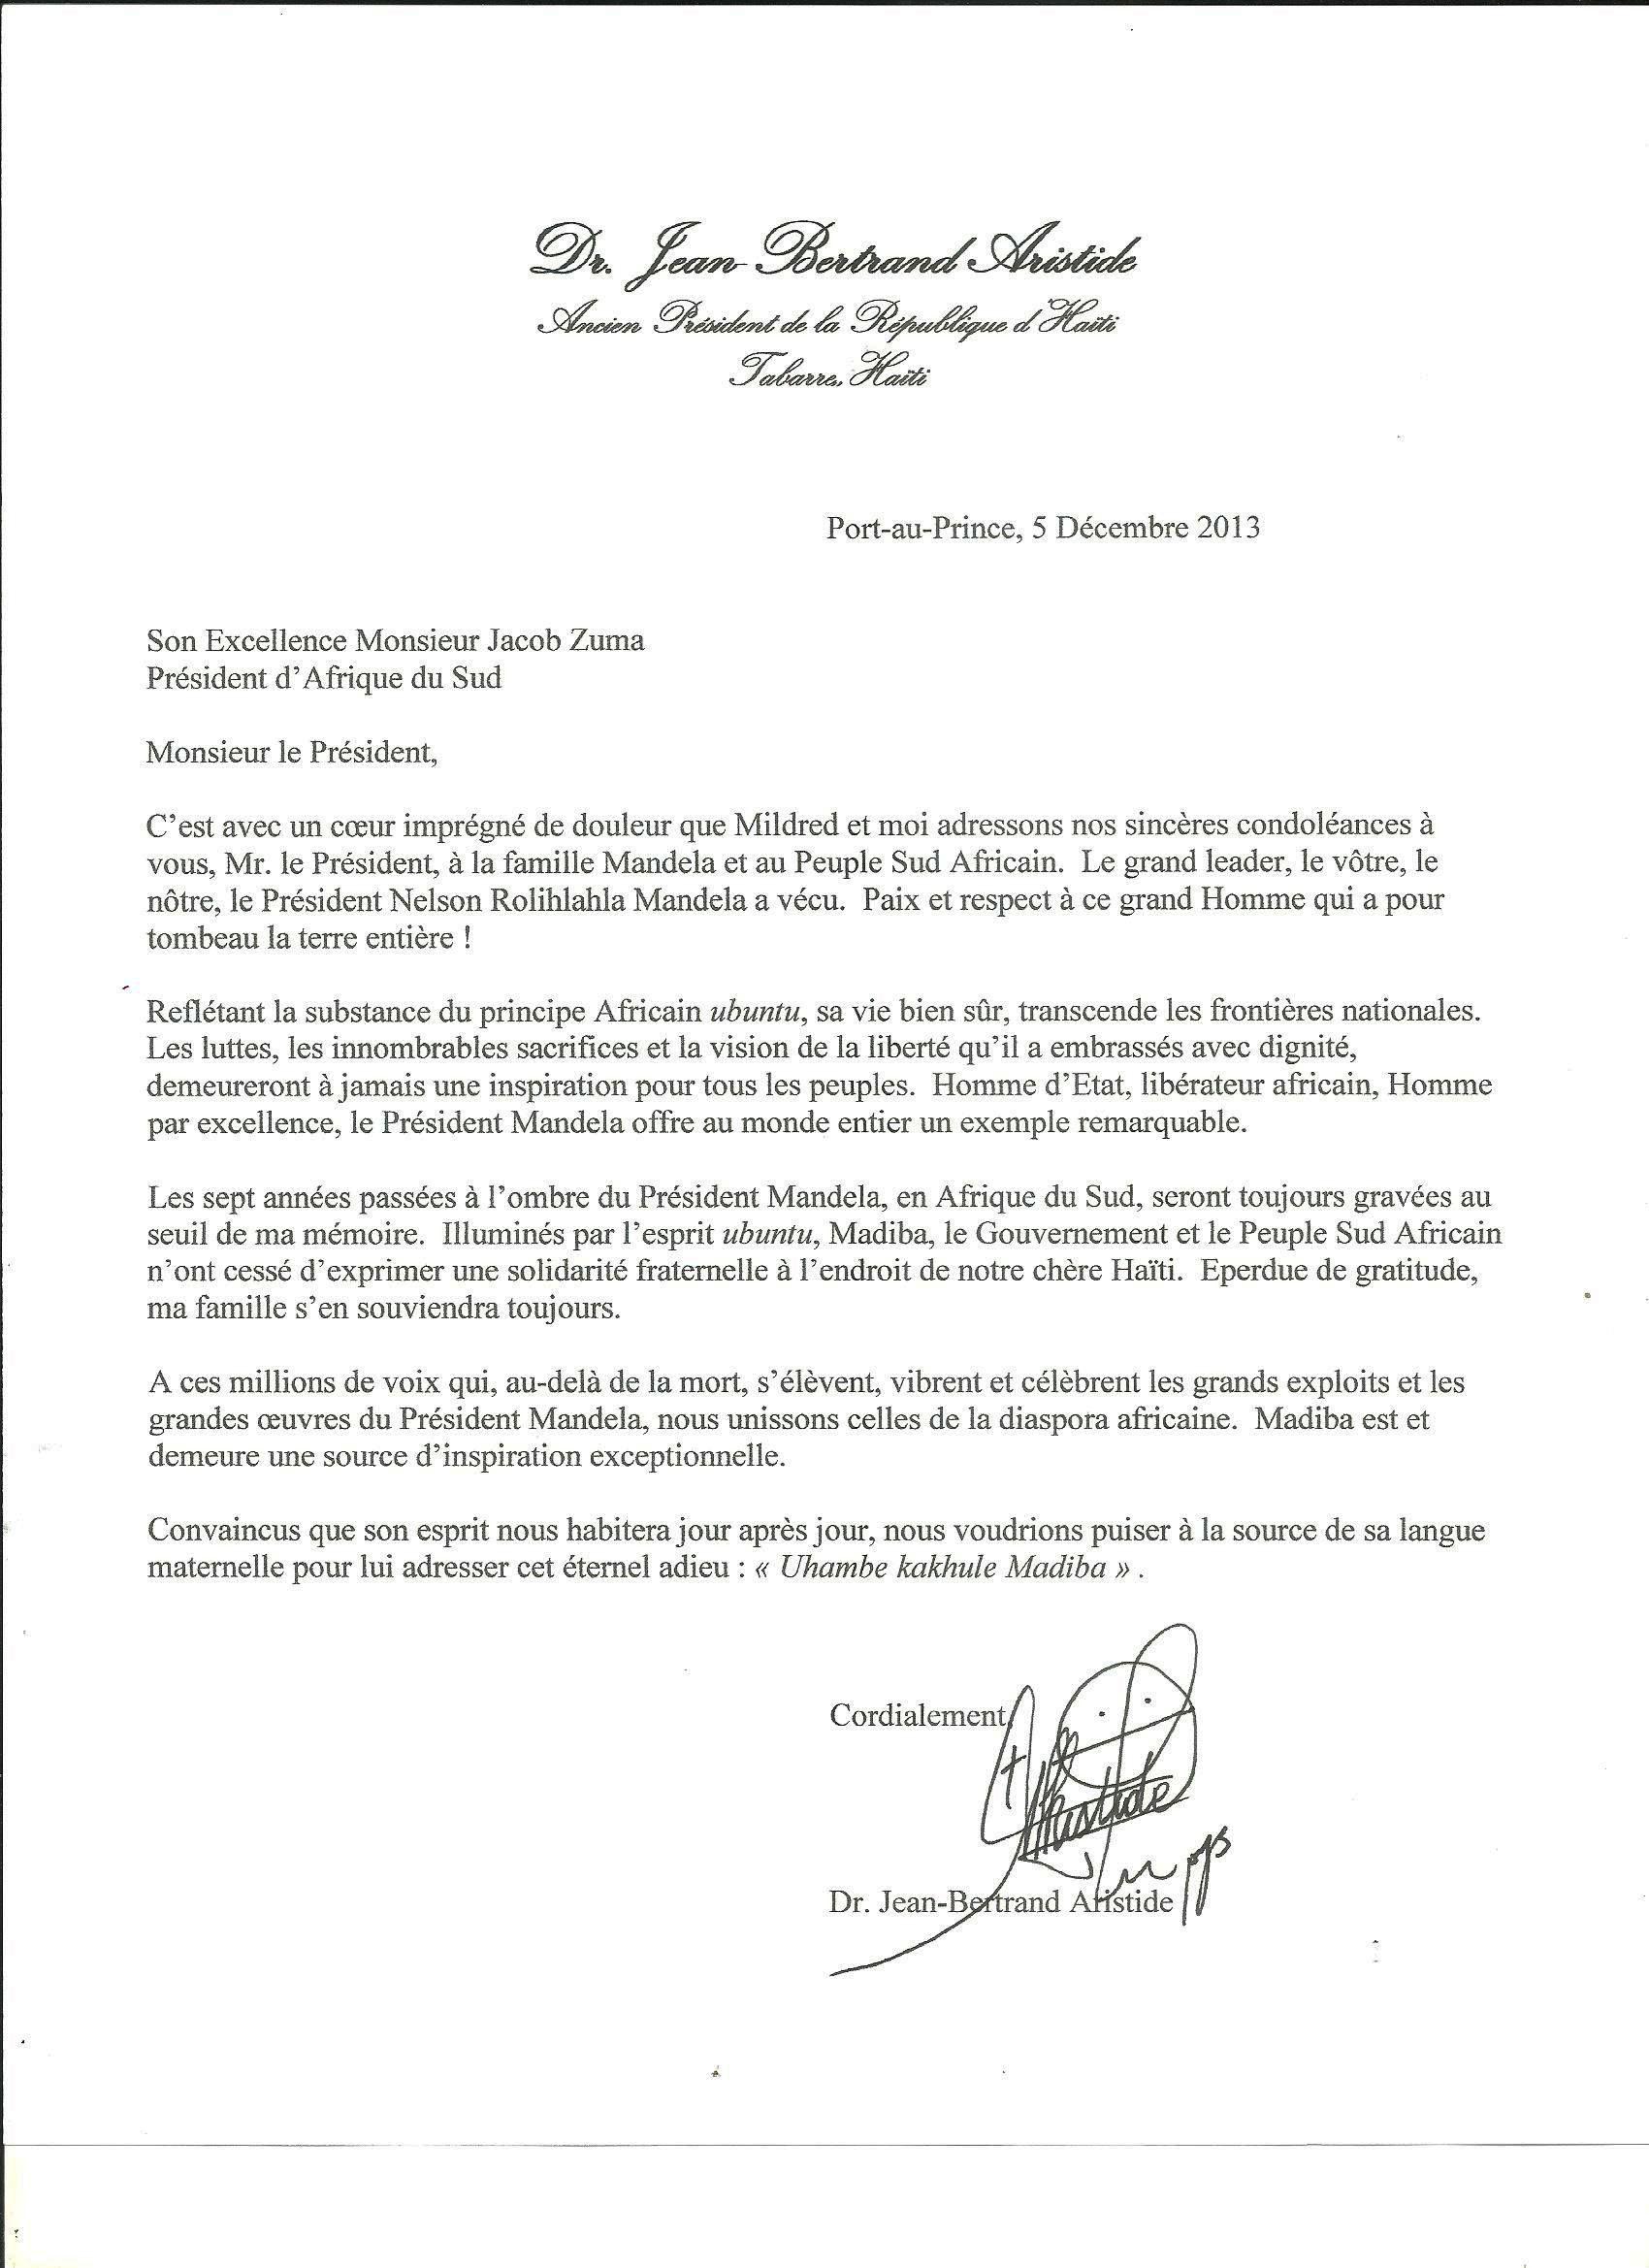 Mandela lettre d'Aristide au président Zuma